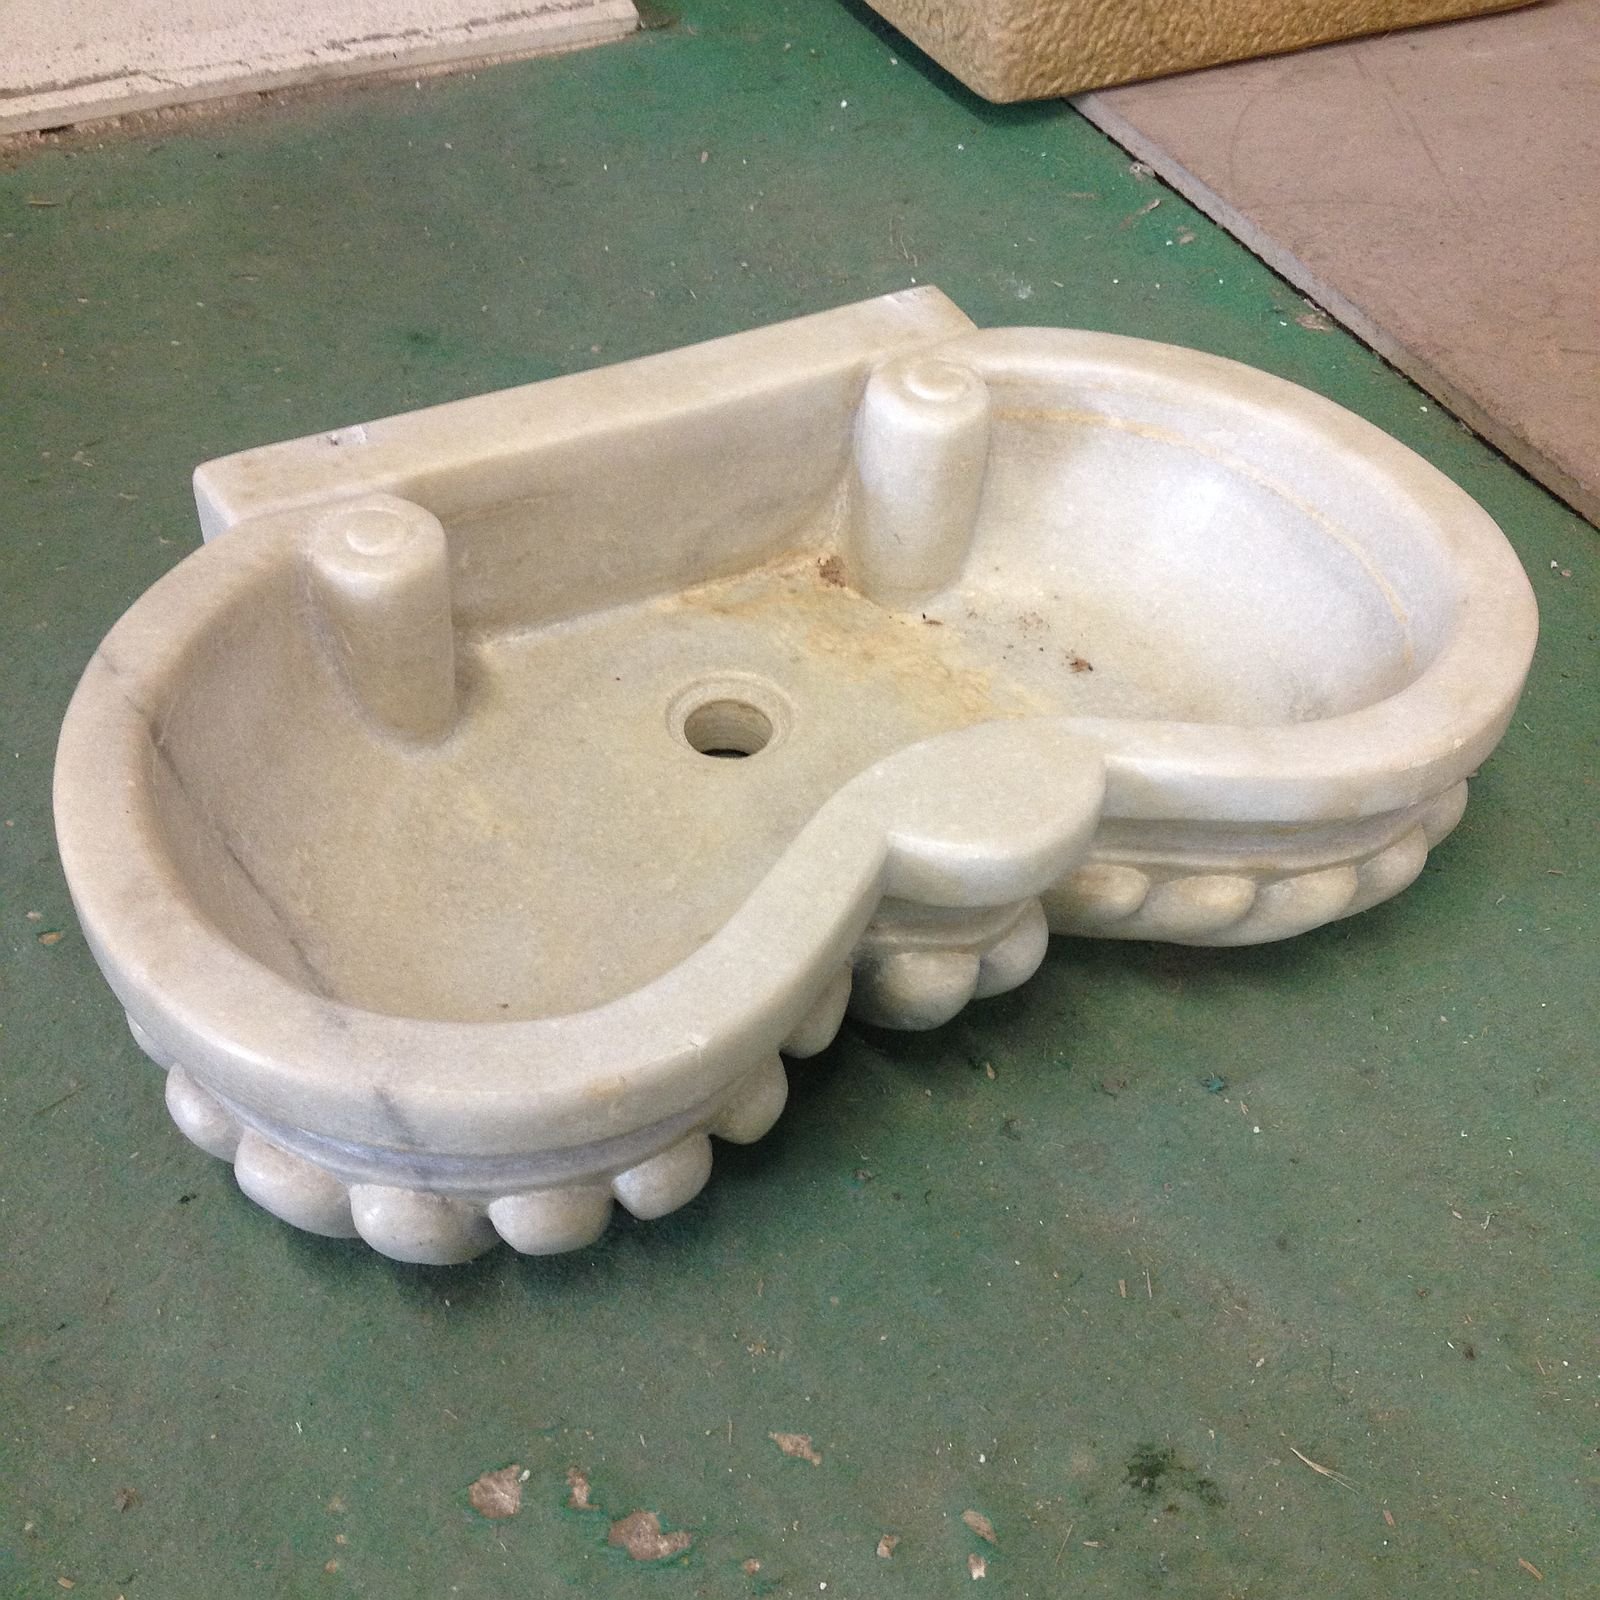 Lavandino lavello vasca in marmo massello doppia conchiglia cm 60 bagno cucina c bathroom - Lavandino doppia vasca cucina ...